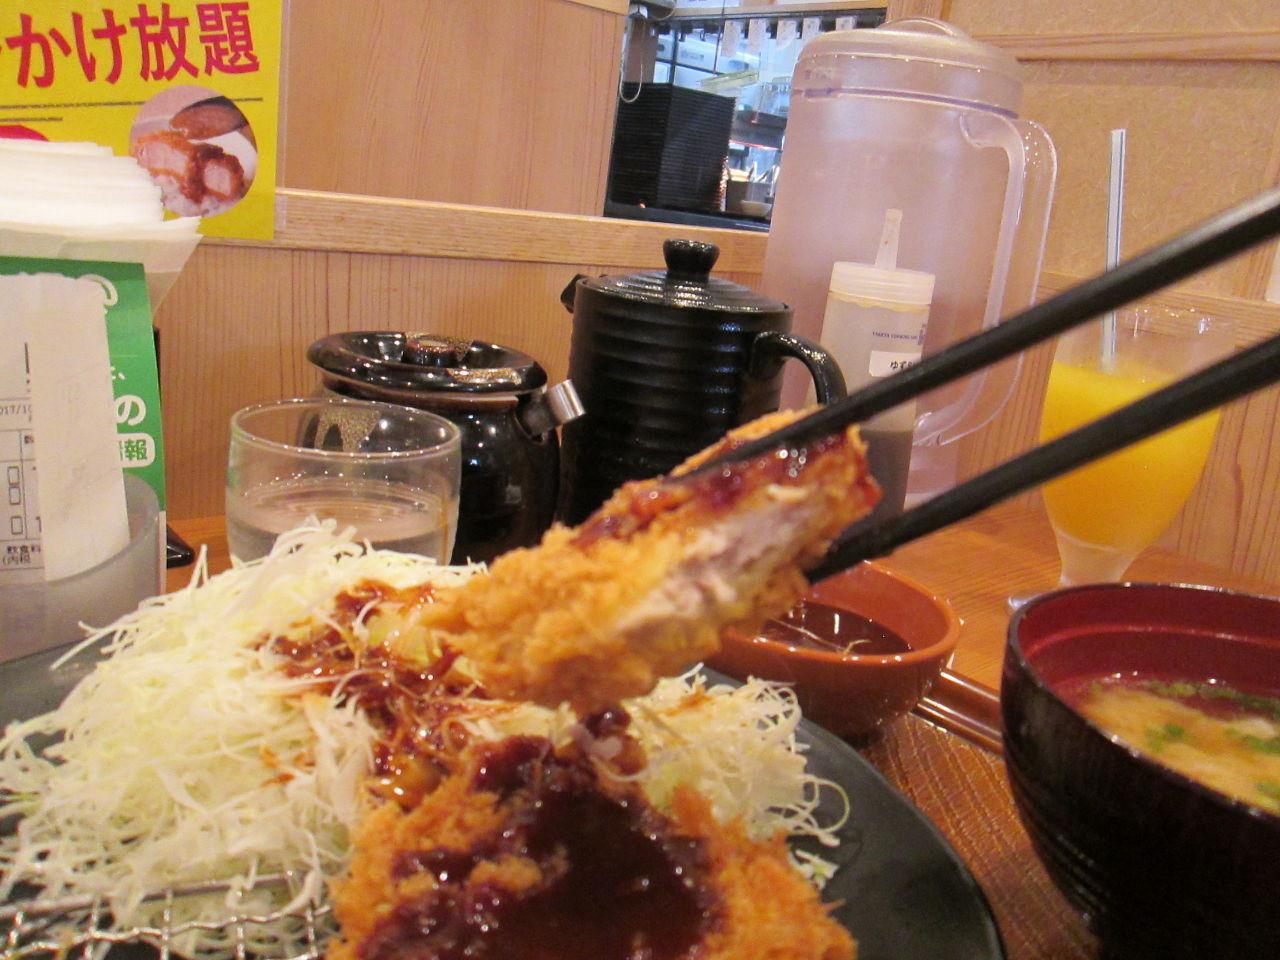 3197 - (株)すかいらーくホールディングス とんから亭でとん汁定食を食べました。 カラリと揚がるヒレカツも美味しく。 とん汁が「大」ですからボリ